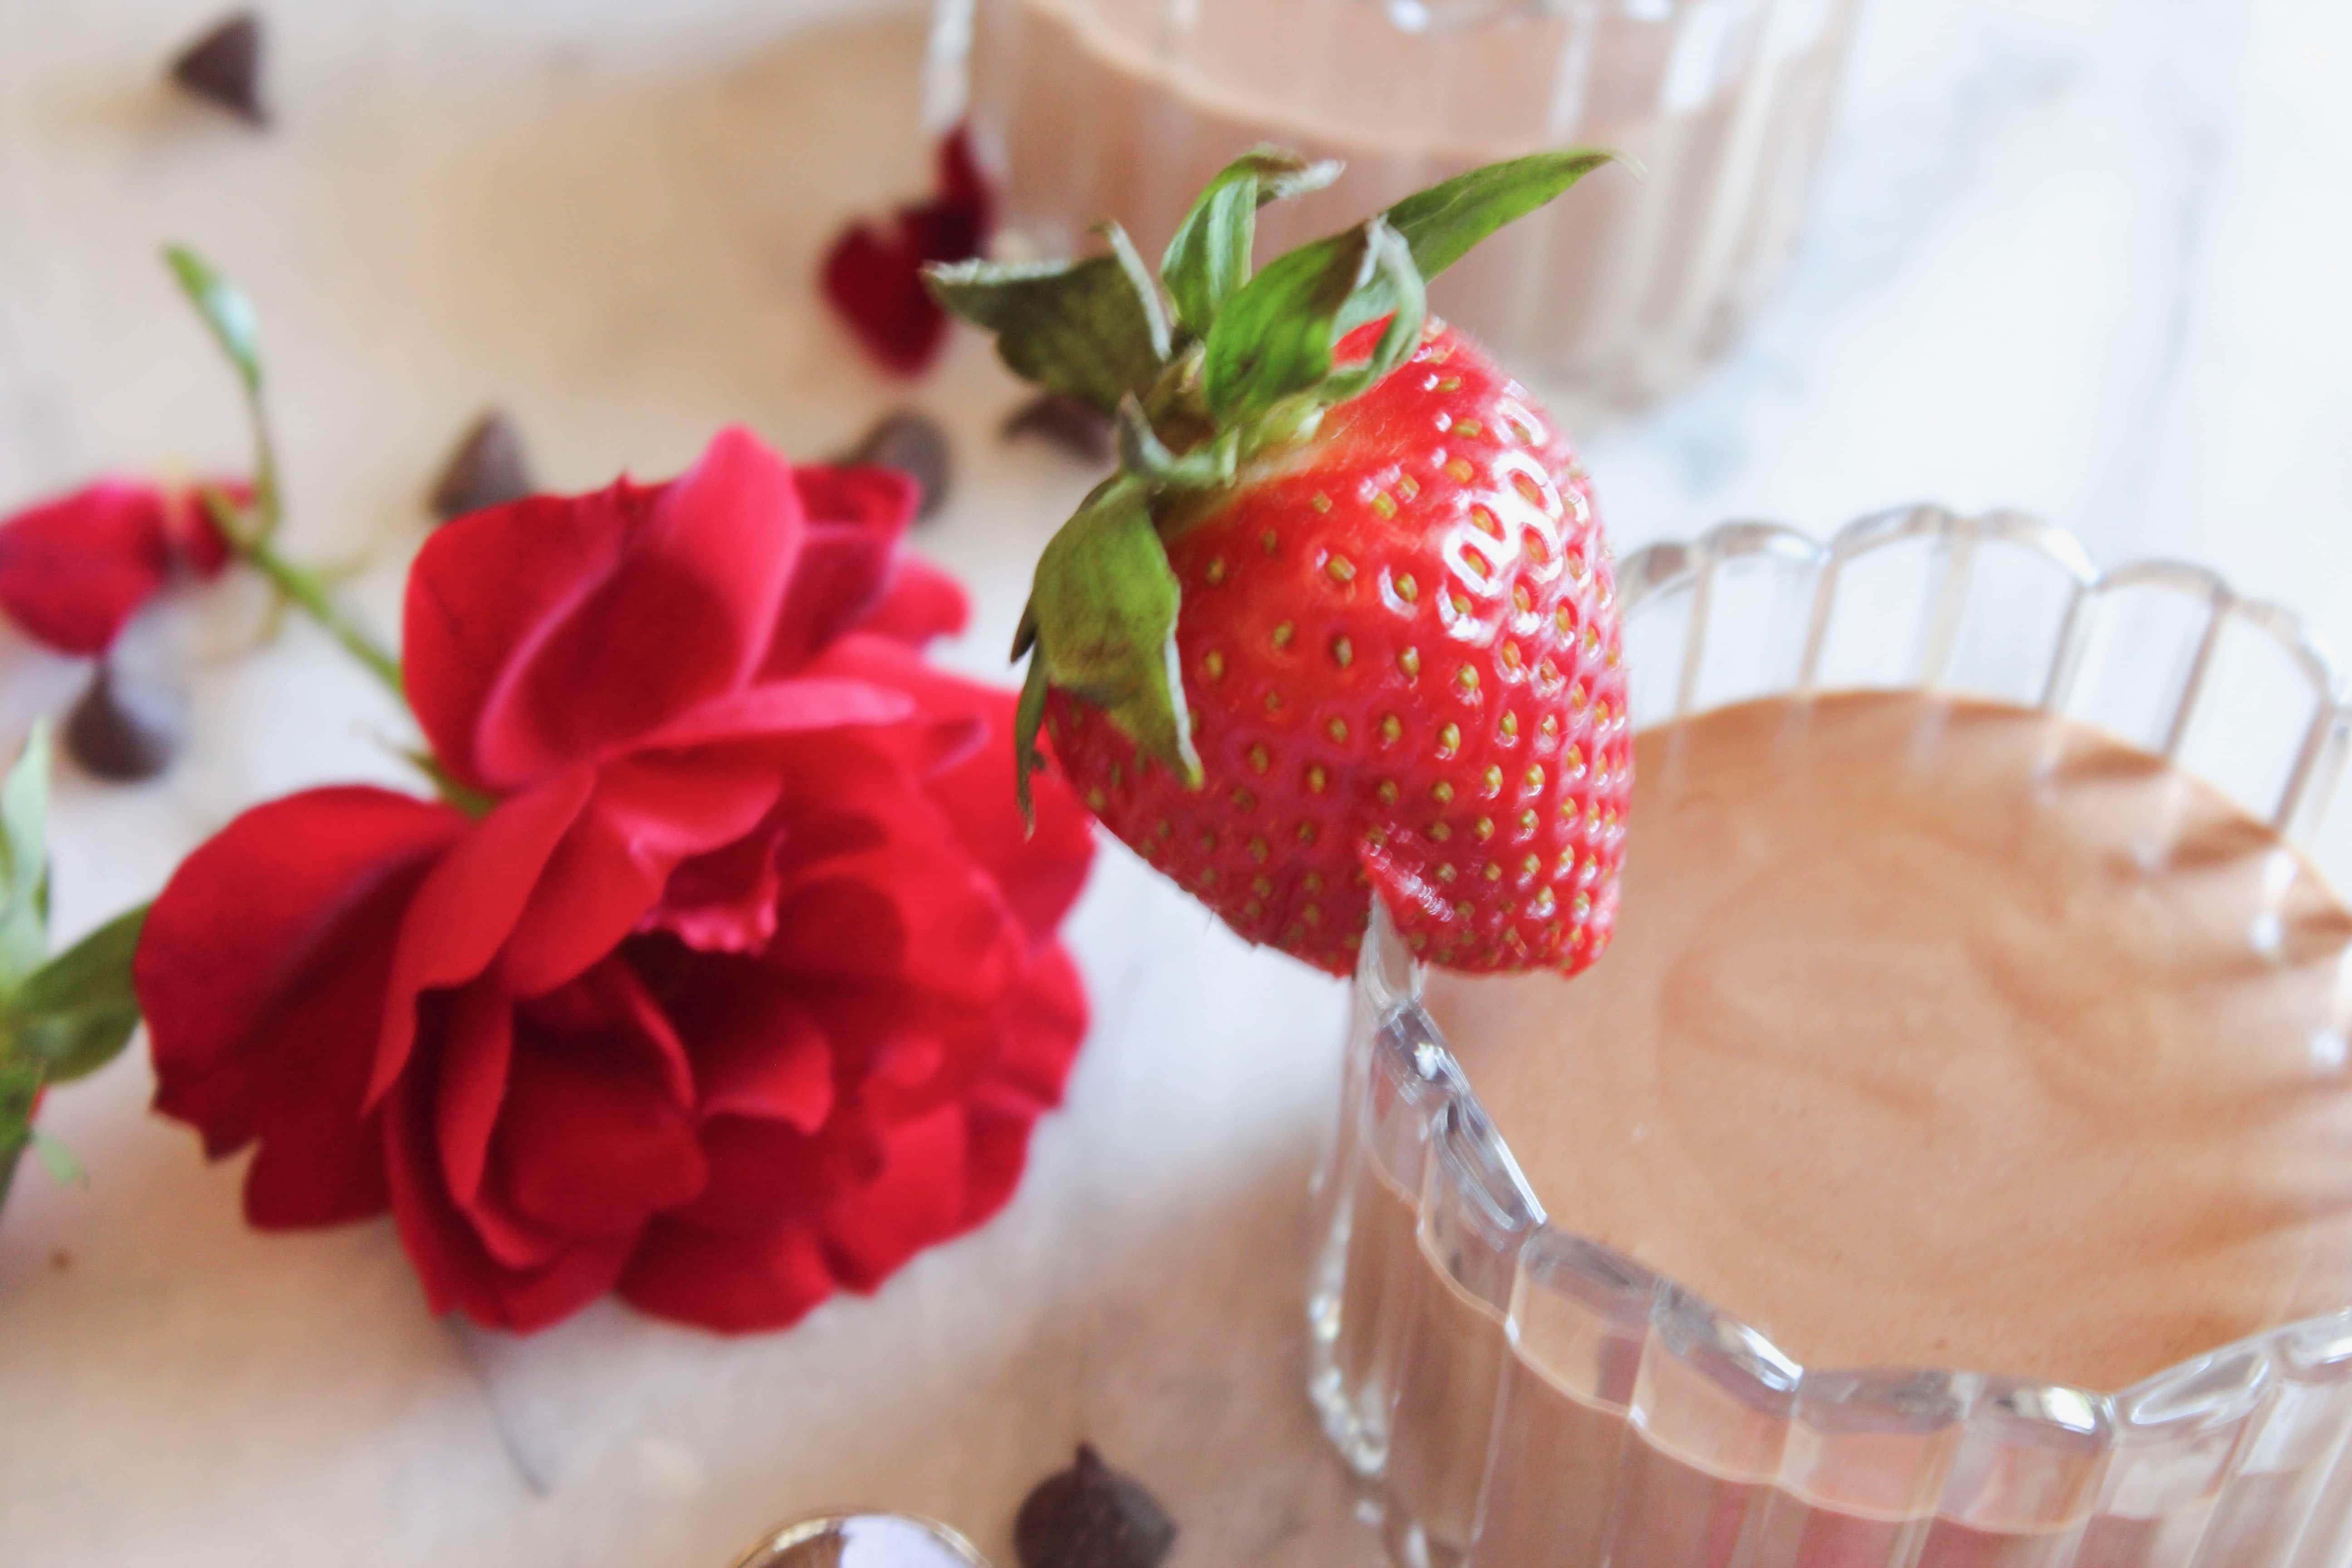 Sarah's Chocolate Mousse